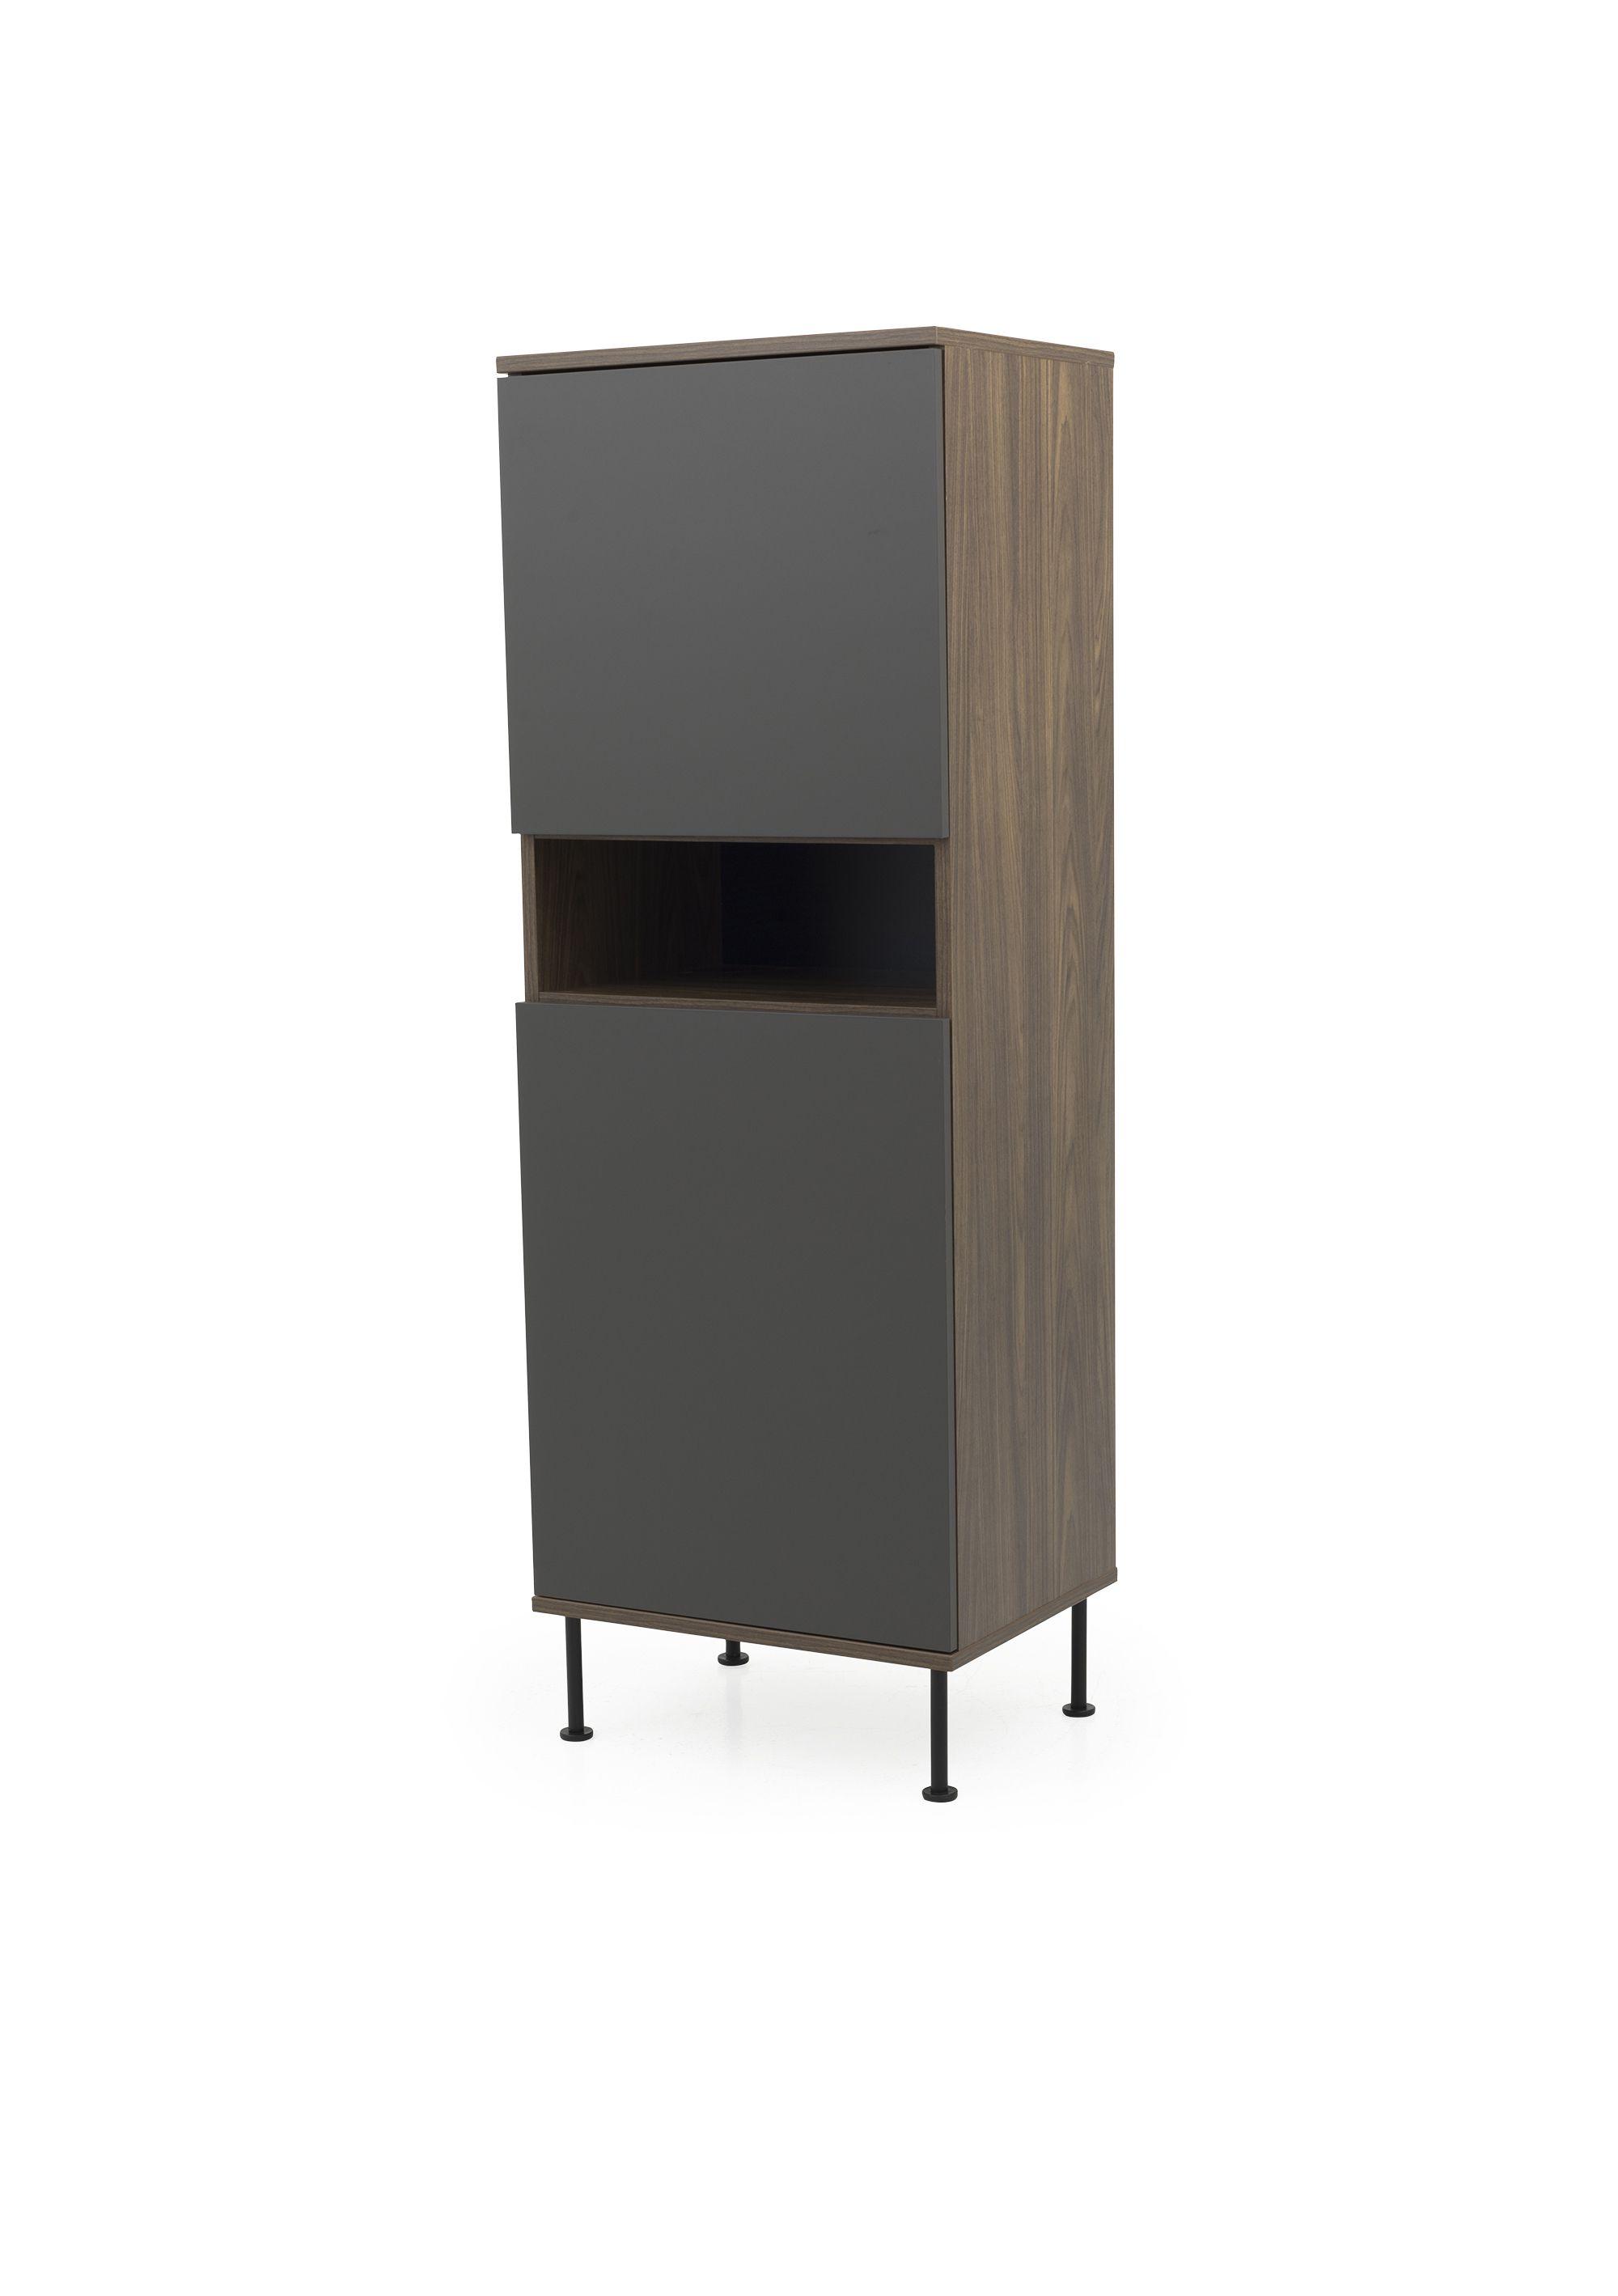 boliden-daxx-cabinet-bergkast